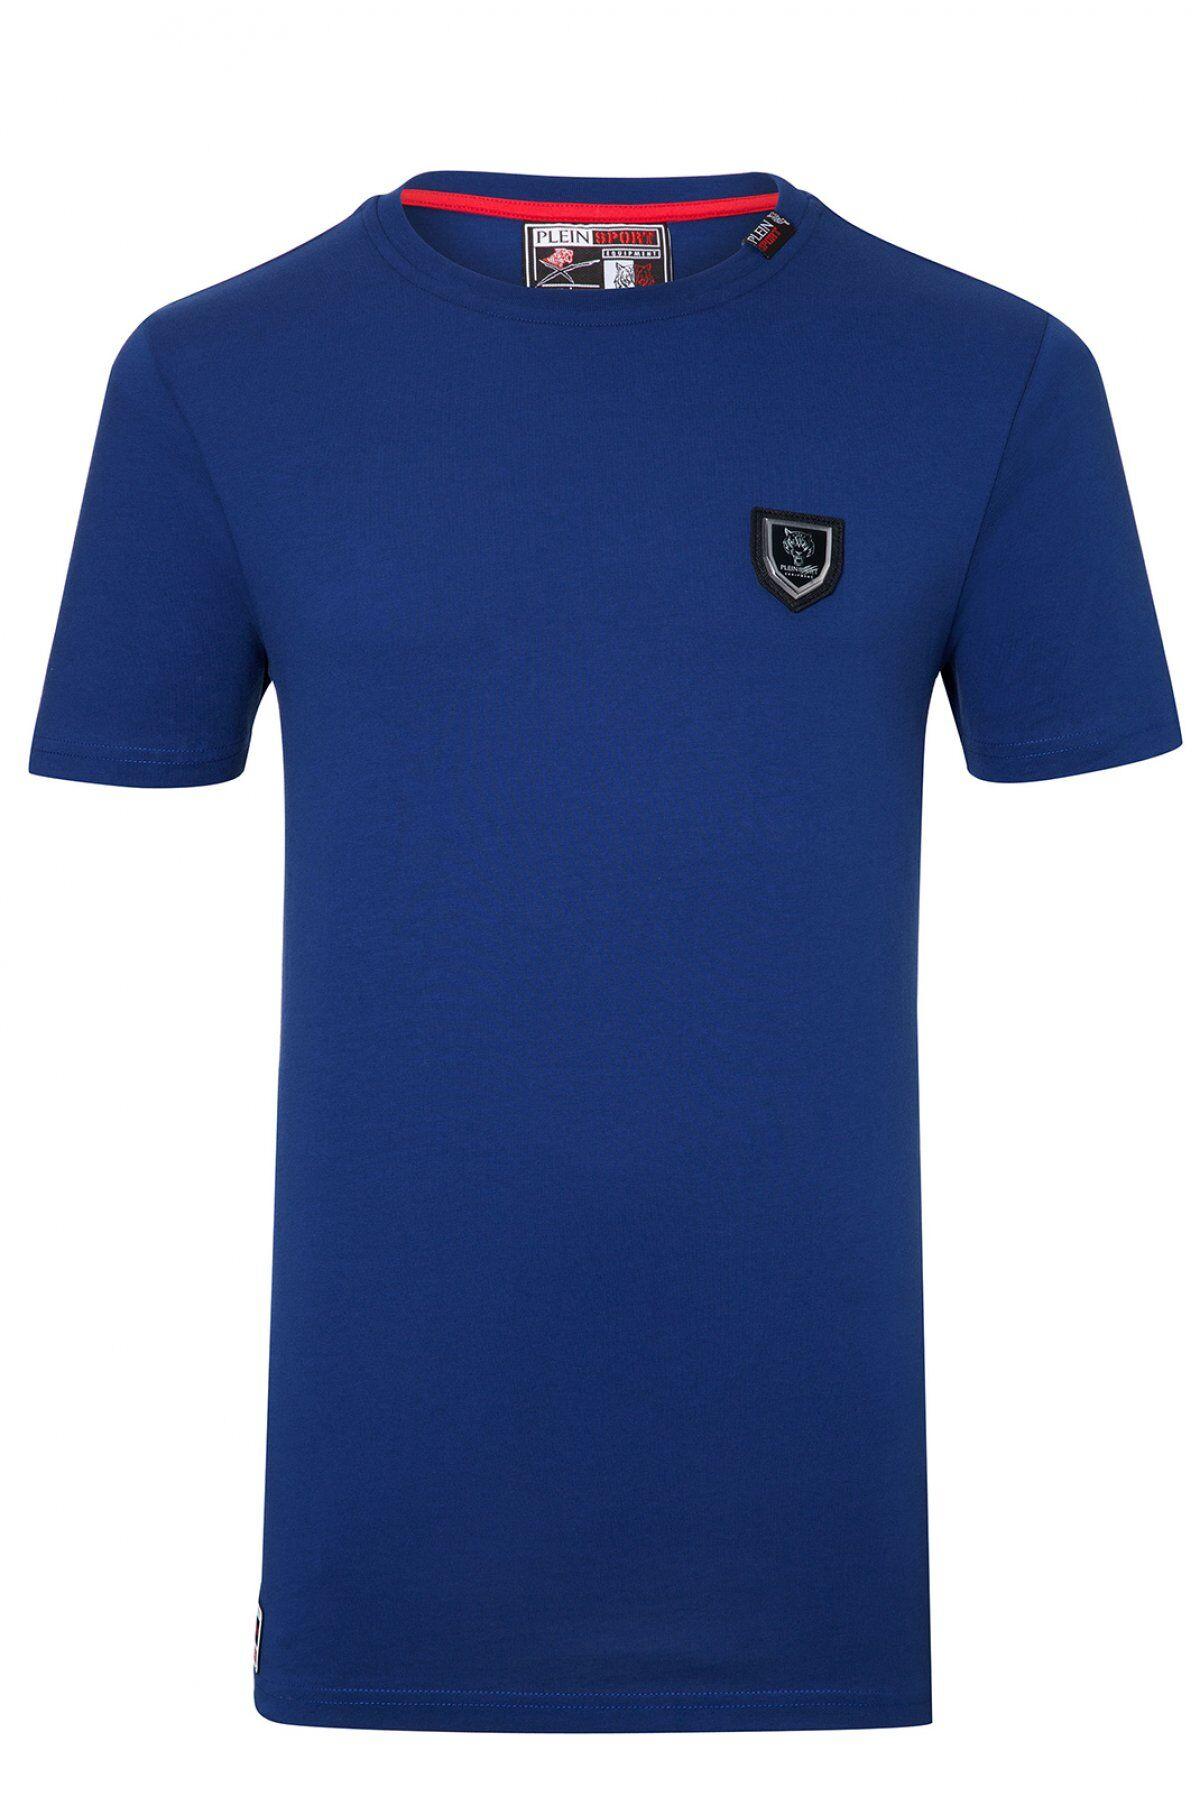 Plein Sport Tee Shirt Coton Uni ...